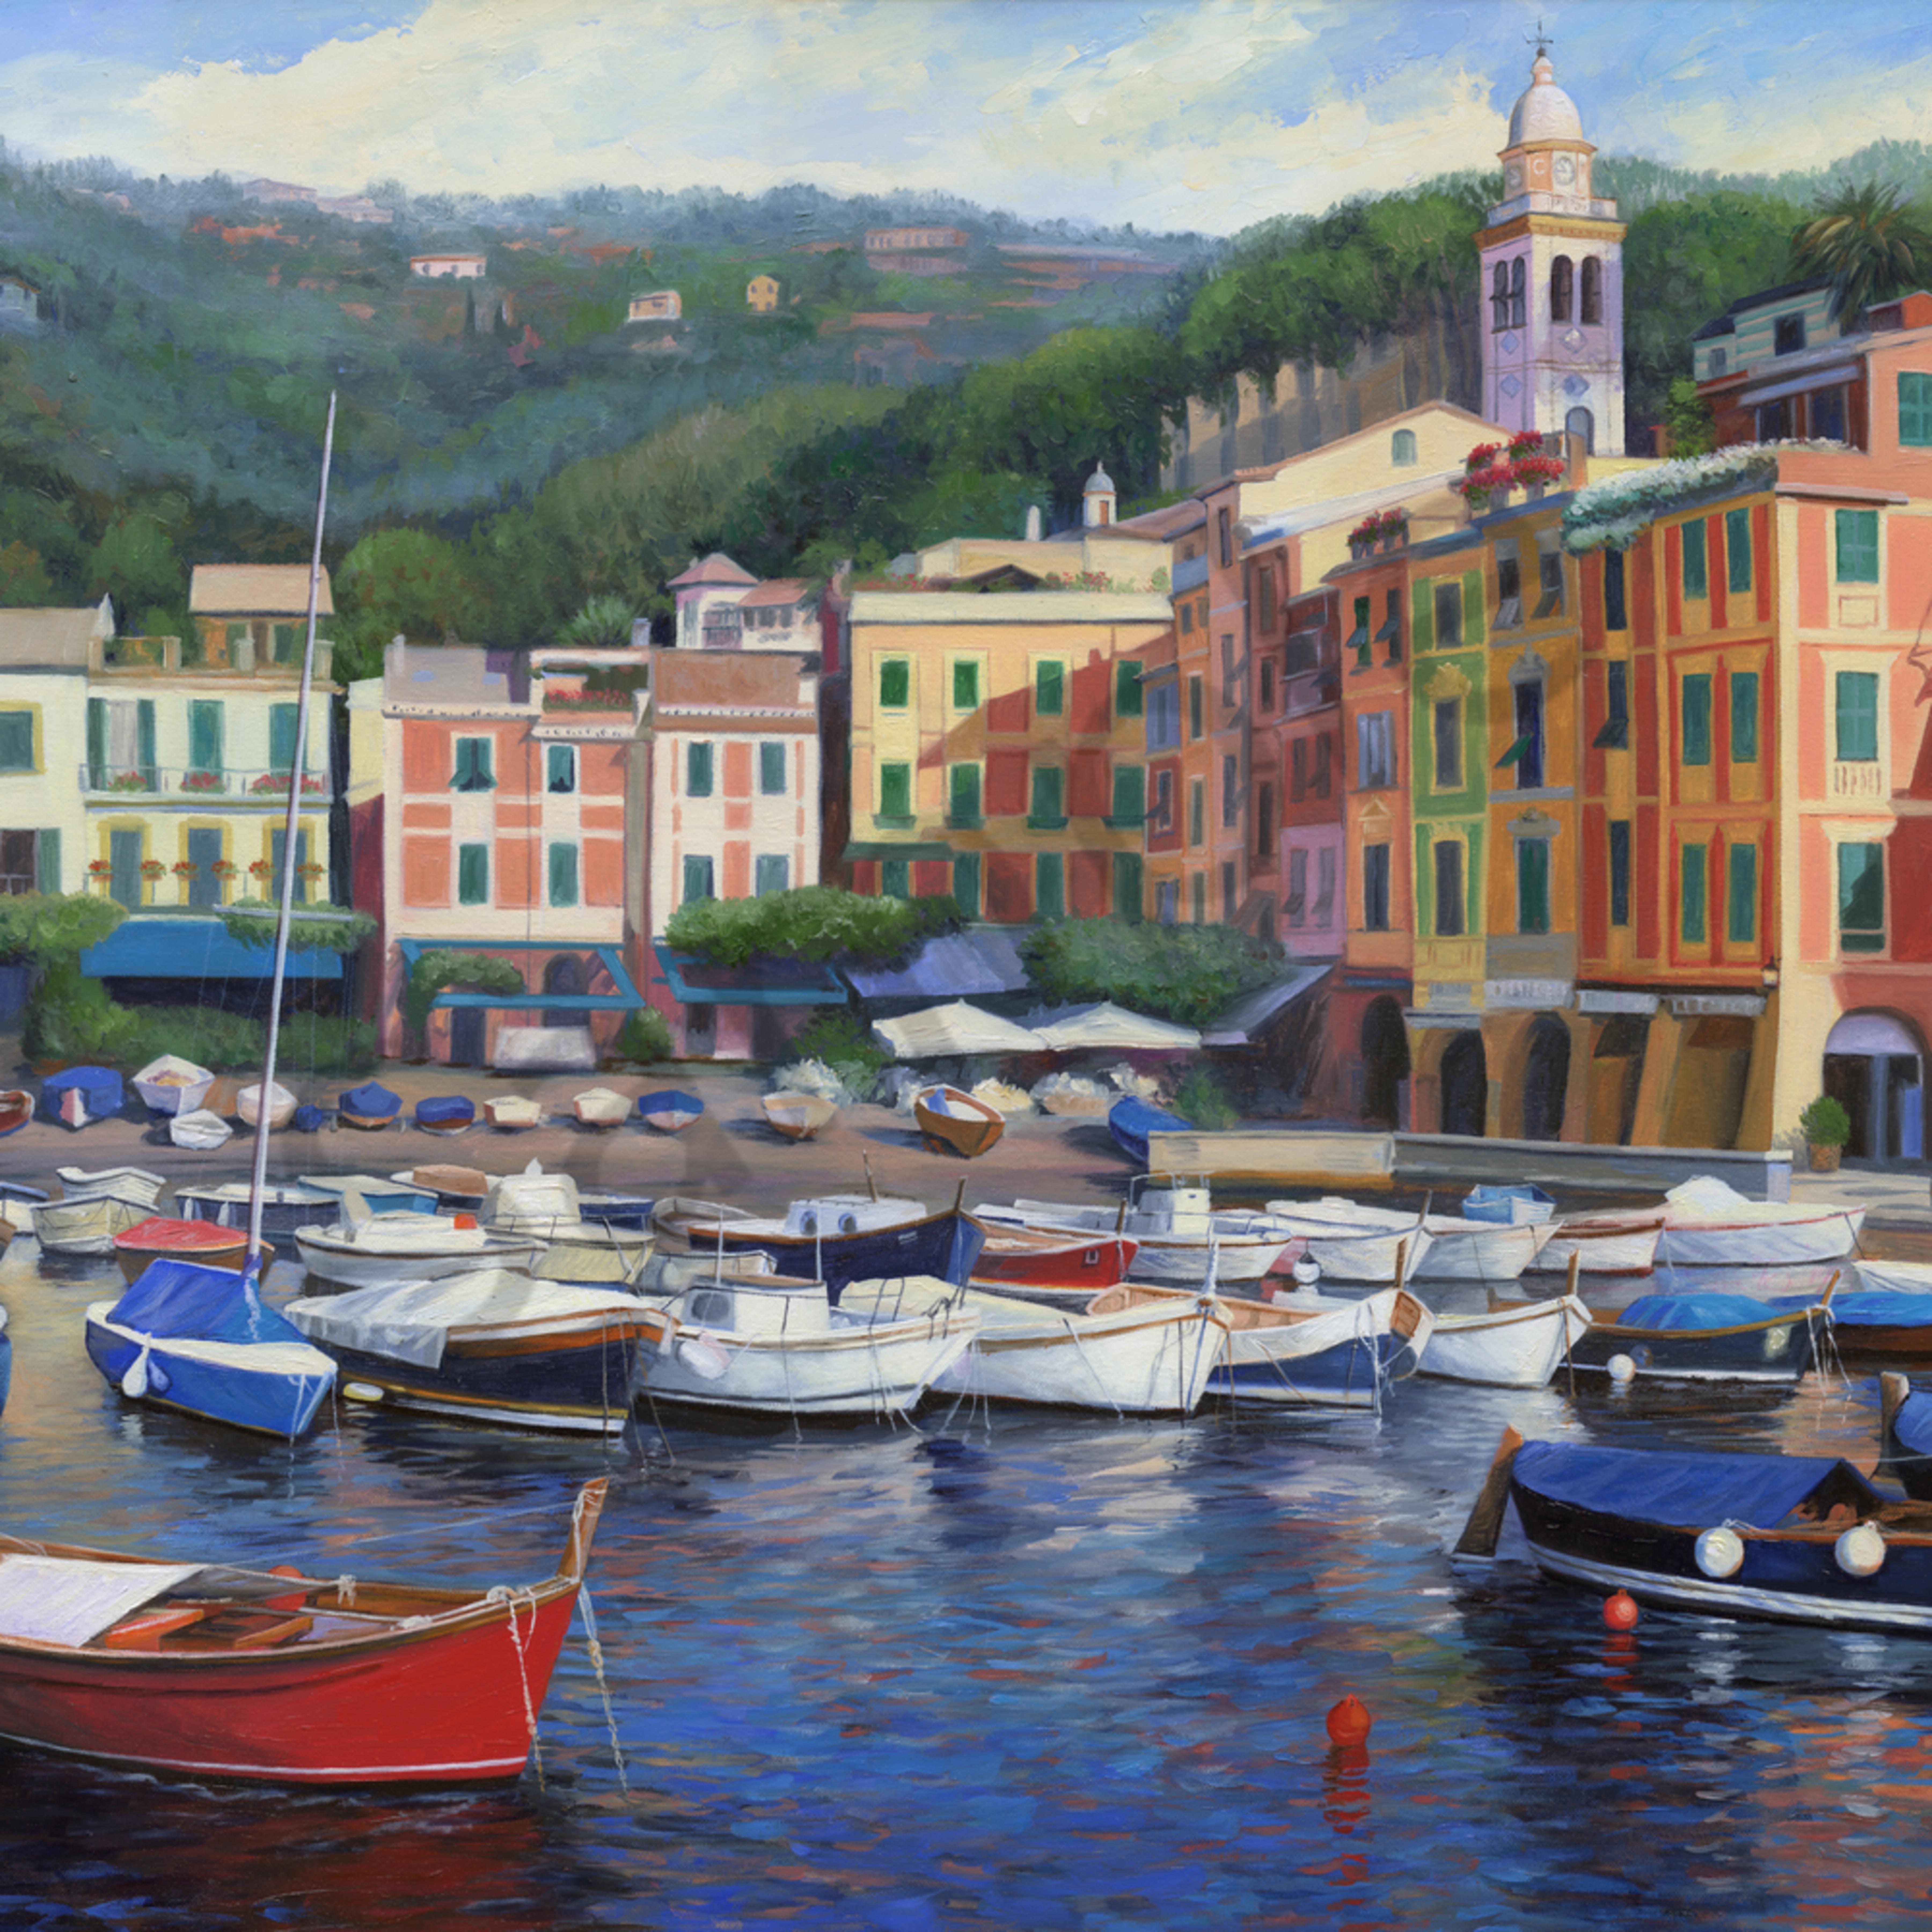 Portofino harbor asf bqskpf